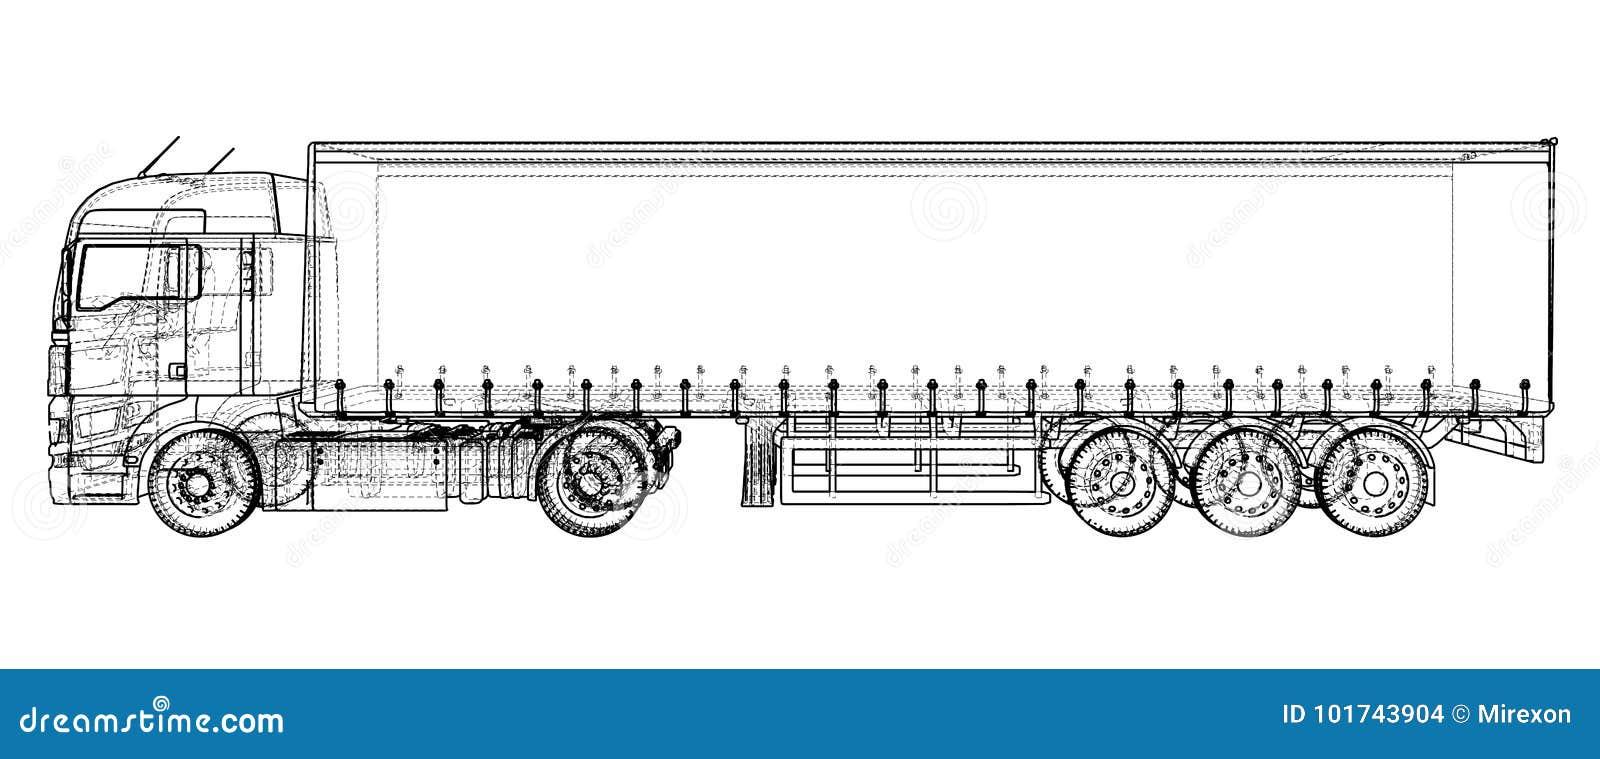 Fracht-LKW-Anhänger Abstrakte Zeichnung Draht-Rahmen Format EPS10 ...